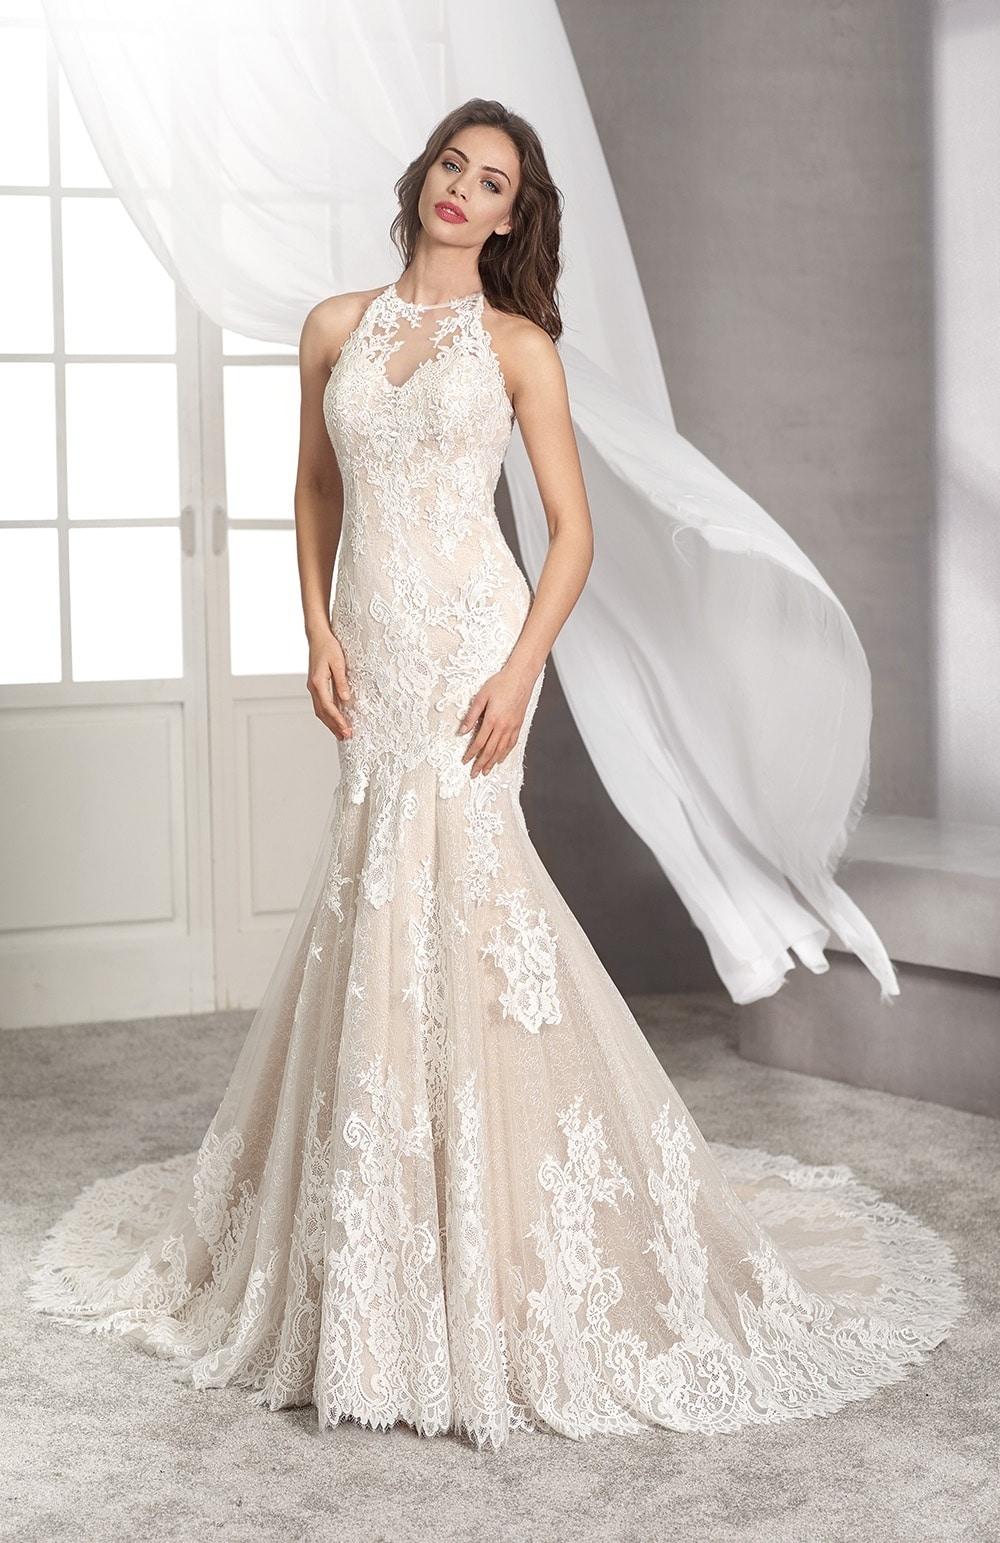 Robe de mariée Modèle Flavie – 5437